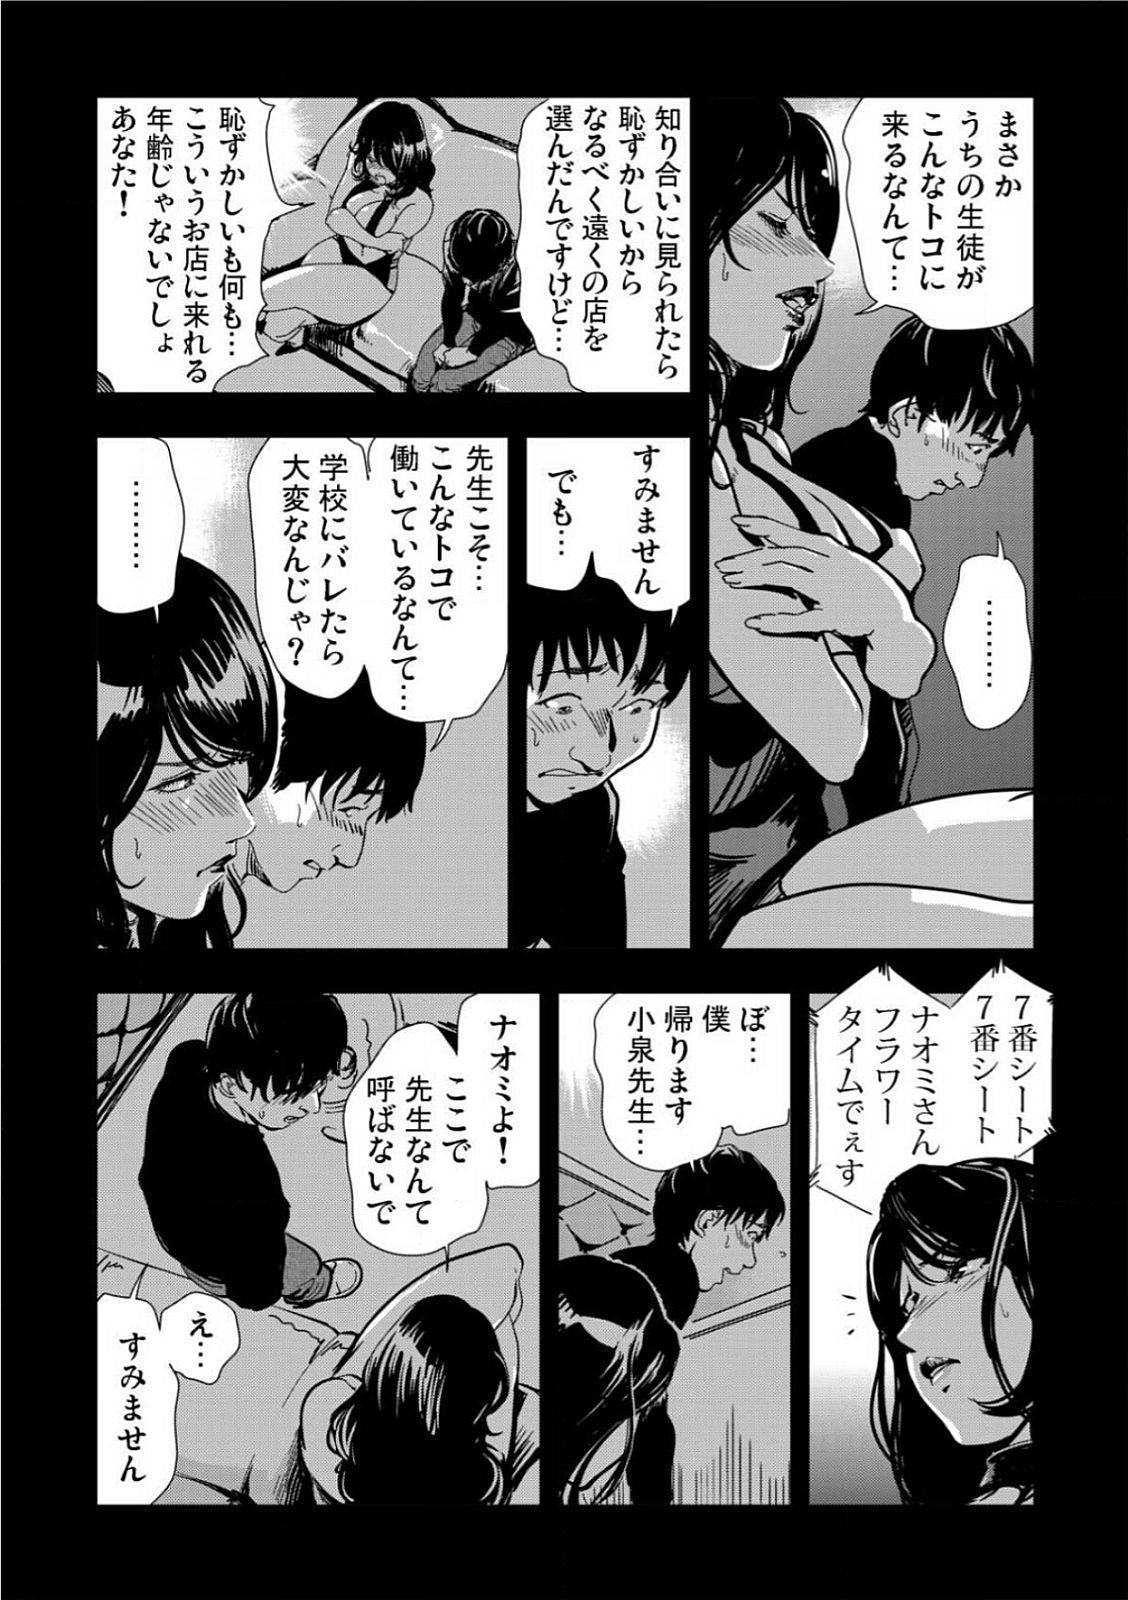 [Misaki Yukihiro] Kyousei Shidou ~Mechakucha ni Kegasarete~ (1)~(6) [Digital] 57